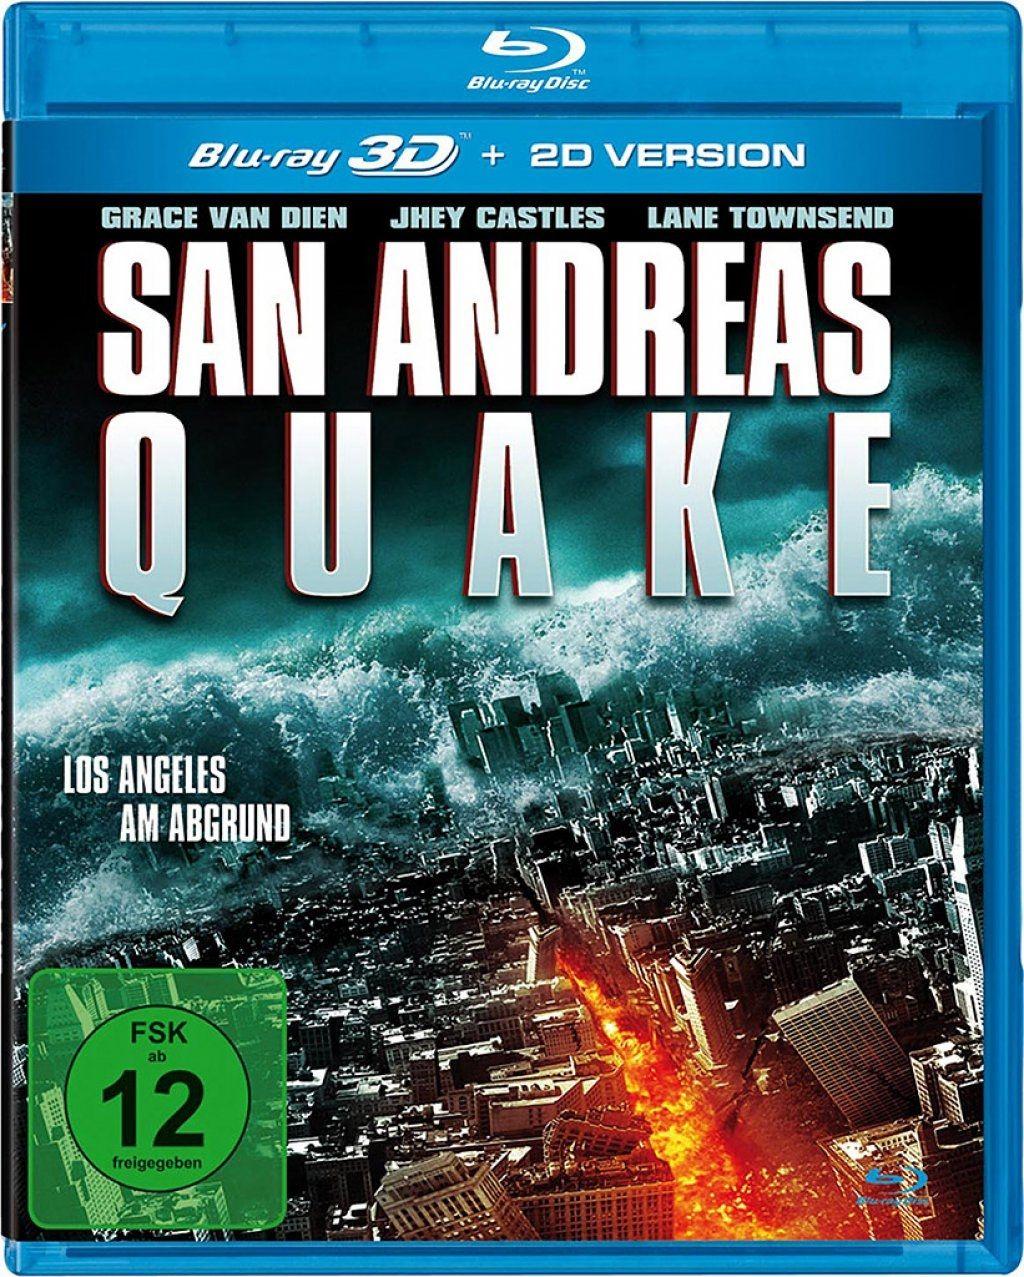 San Andreas Quake - Los Angeles am Abgrund 3D (BLURAY 3D)